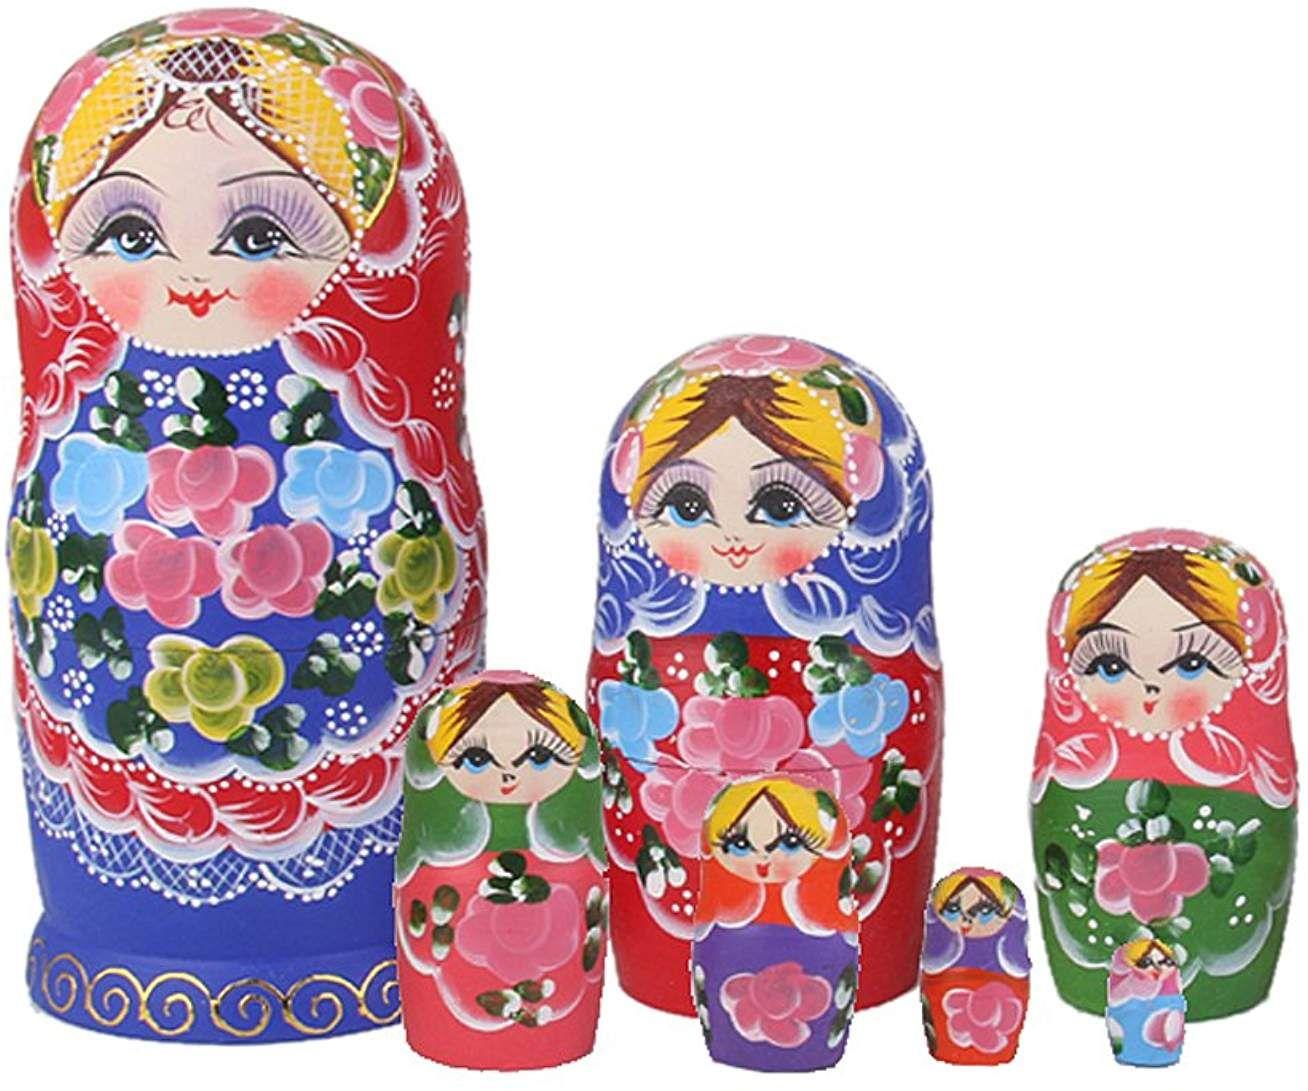 Les enfants adorent ces ~ Collector ~ Star wars poupées russes